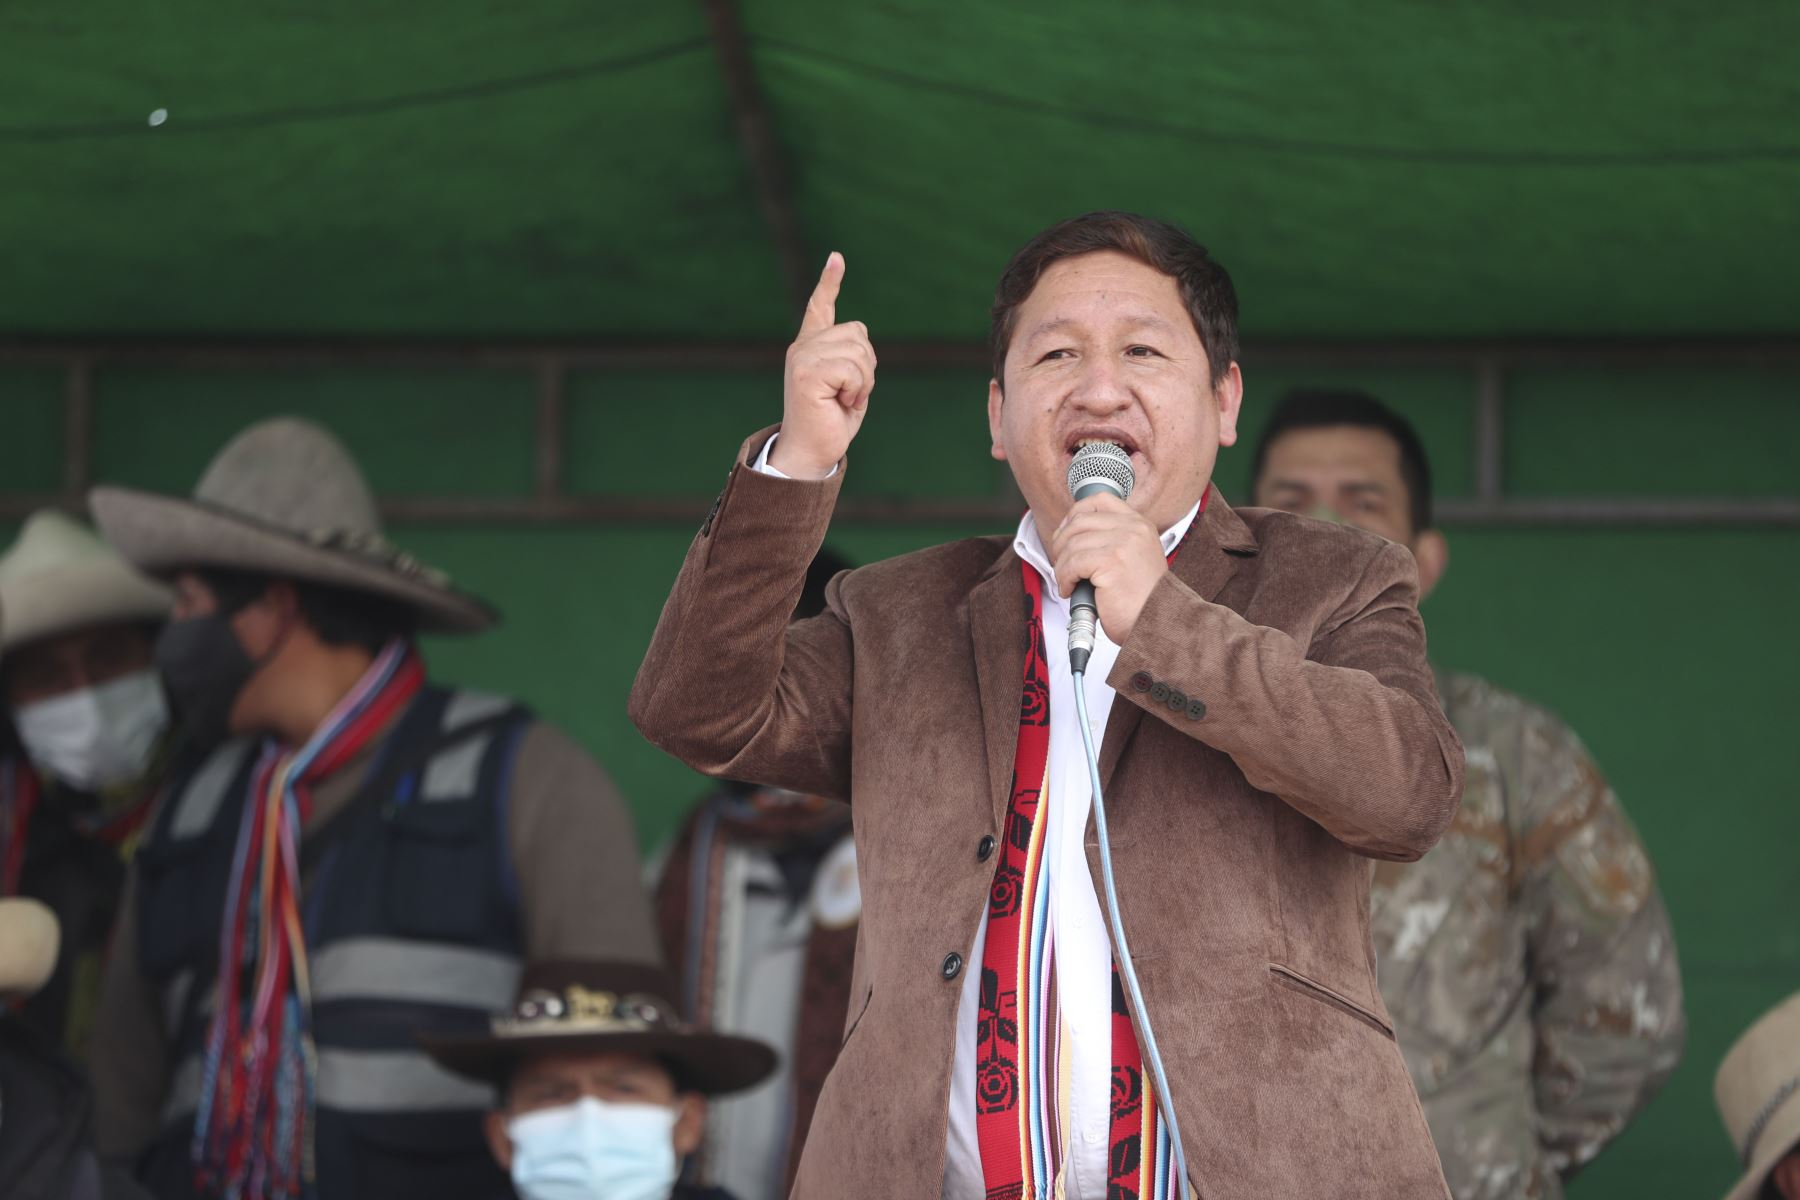 El presidente del Consejo de Ministros, Guido Bellido Ugarte, llegó al Cusco para reunirse con comunidades campesinas y tratar el conflicto socioambiental en el corredor minero del sur. Foto: PCM